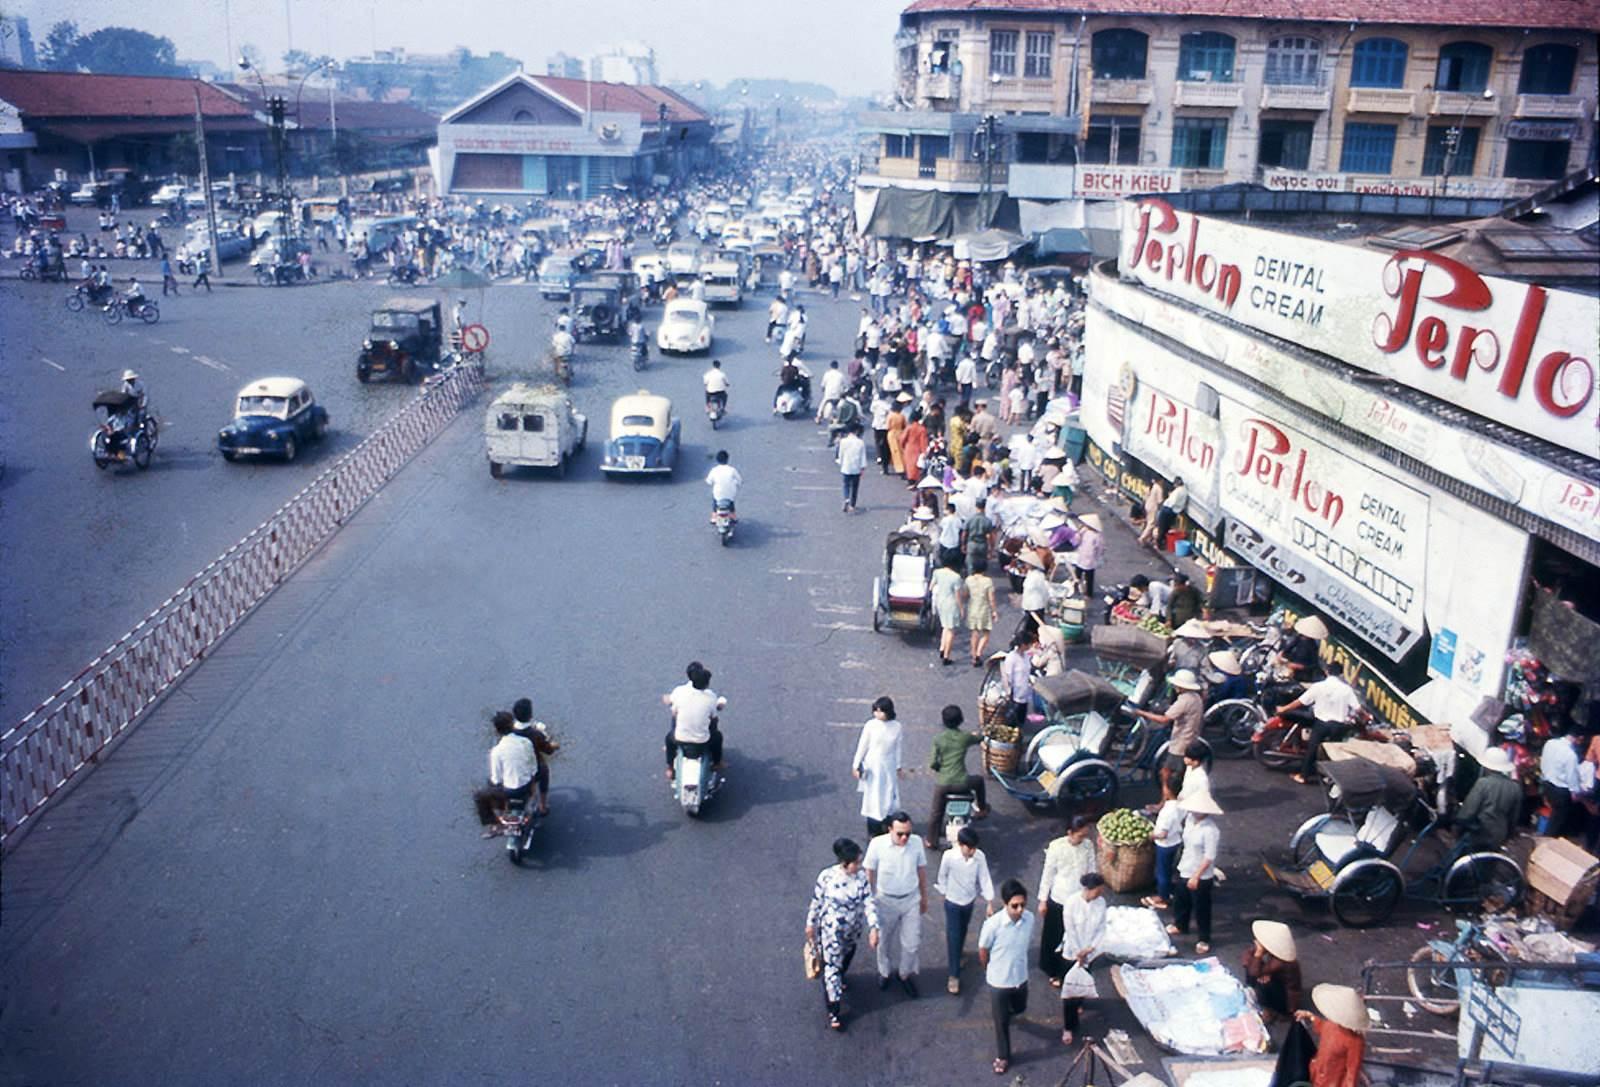 SAIGON 1972 - Chợ Bến Thành hình chụp từ trên cầu vượt bộ hành từ bùng binh đi qua chợ